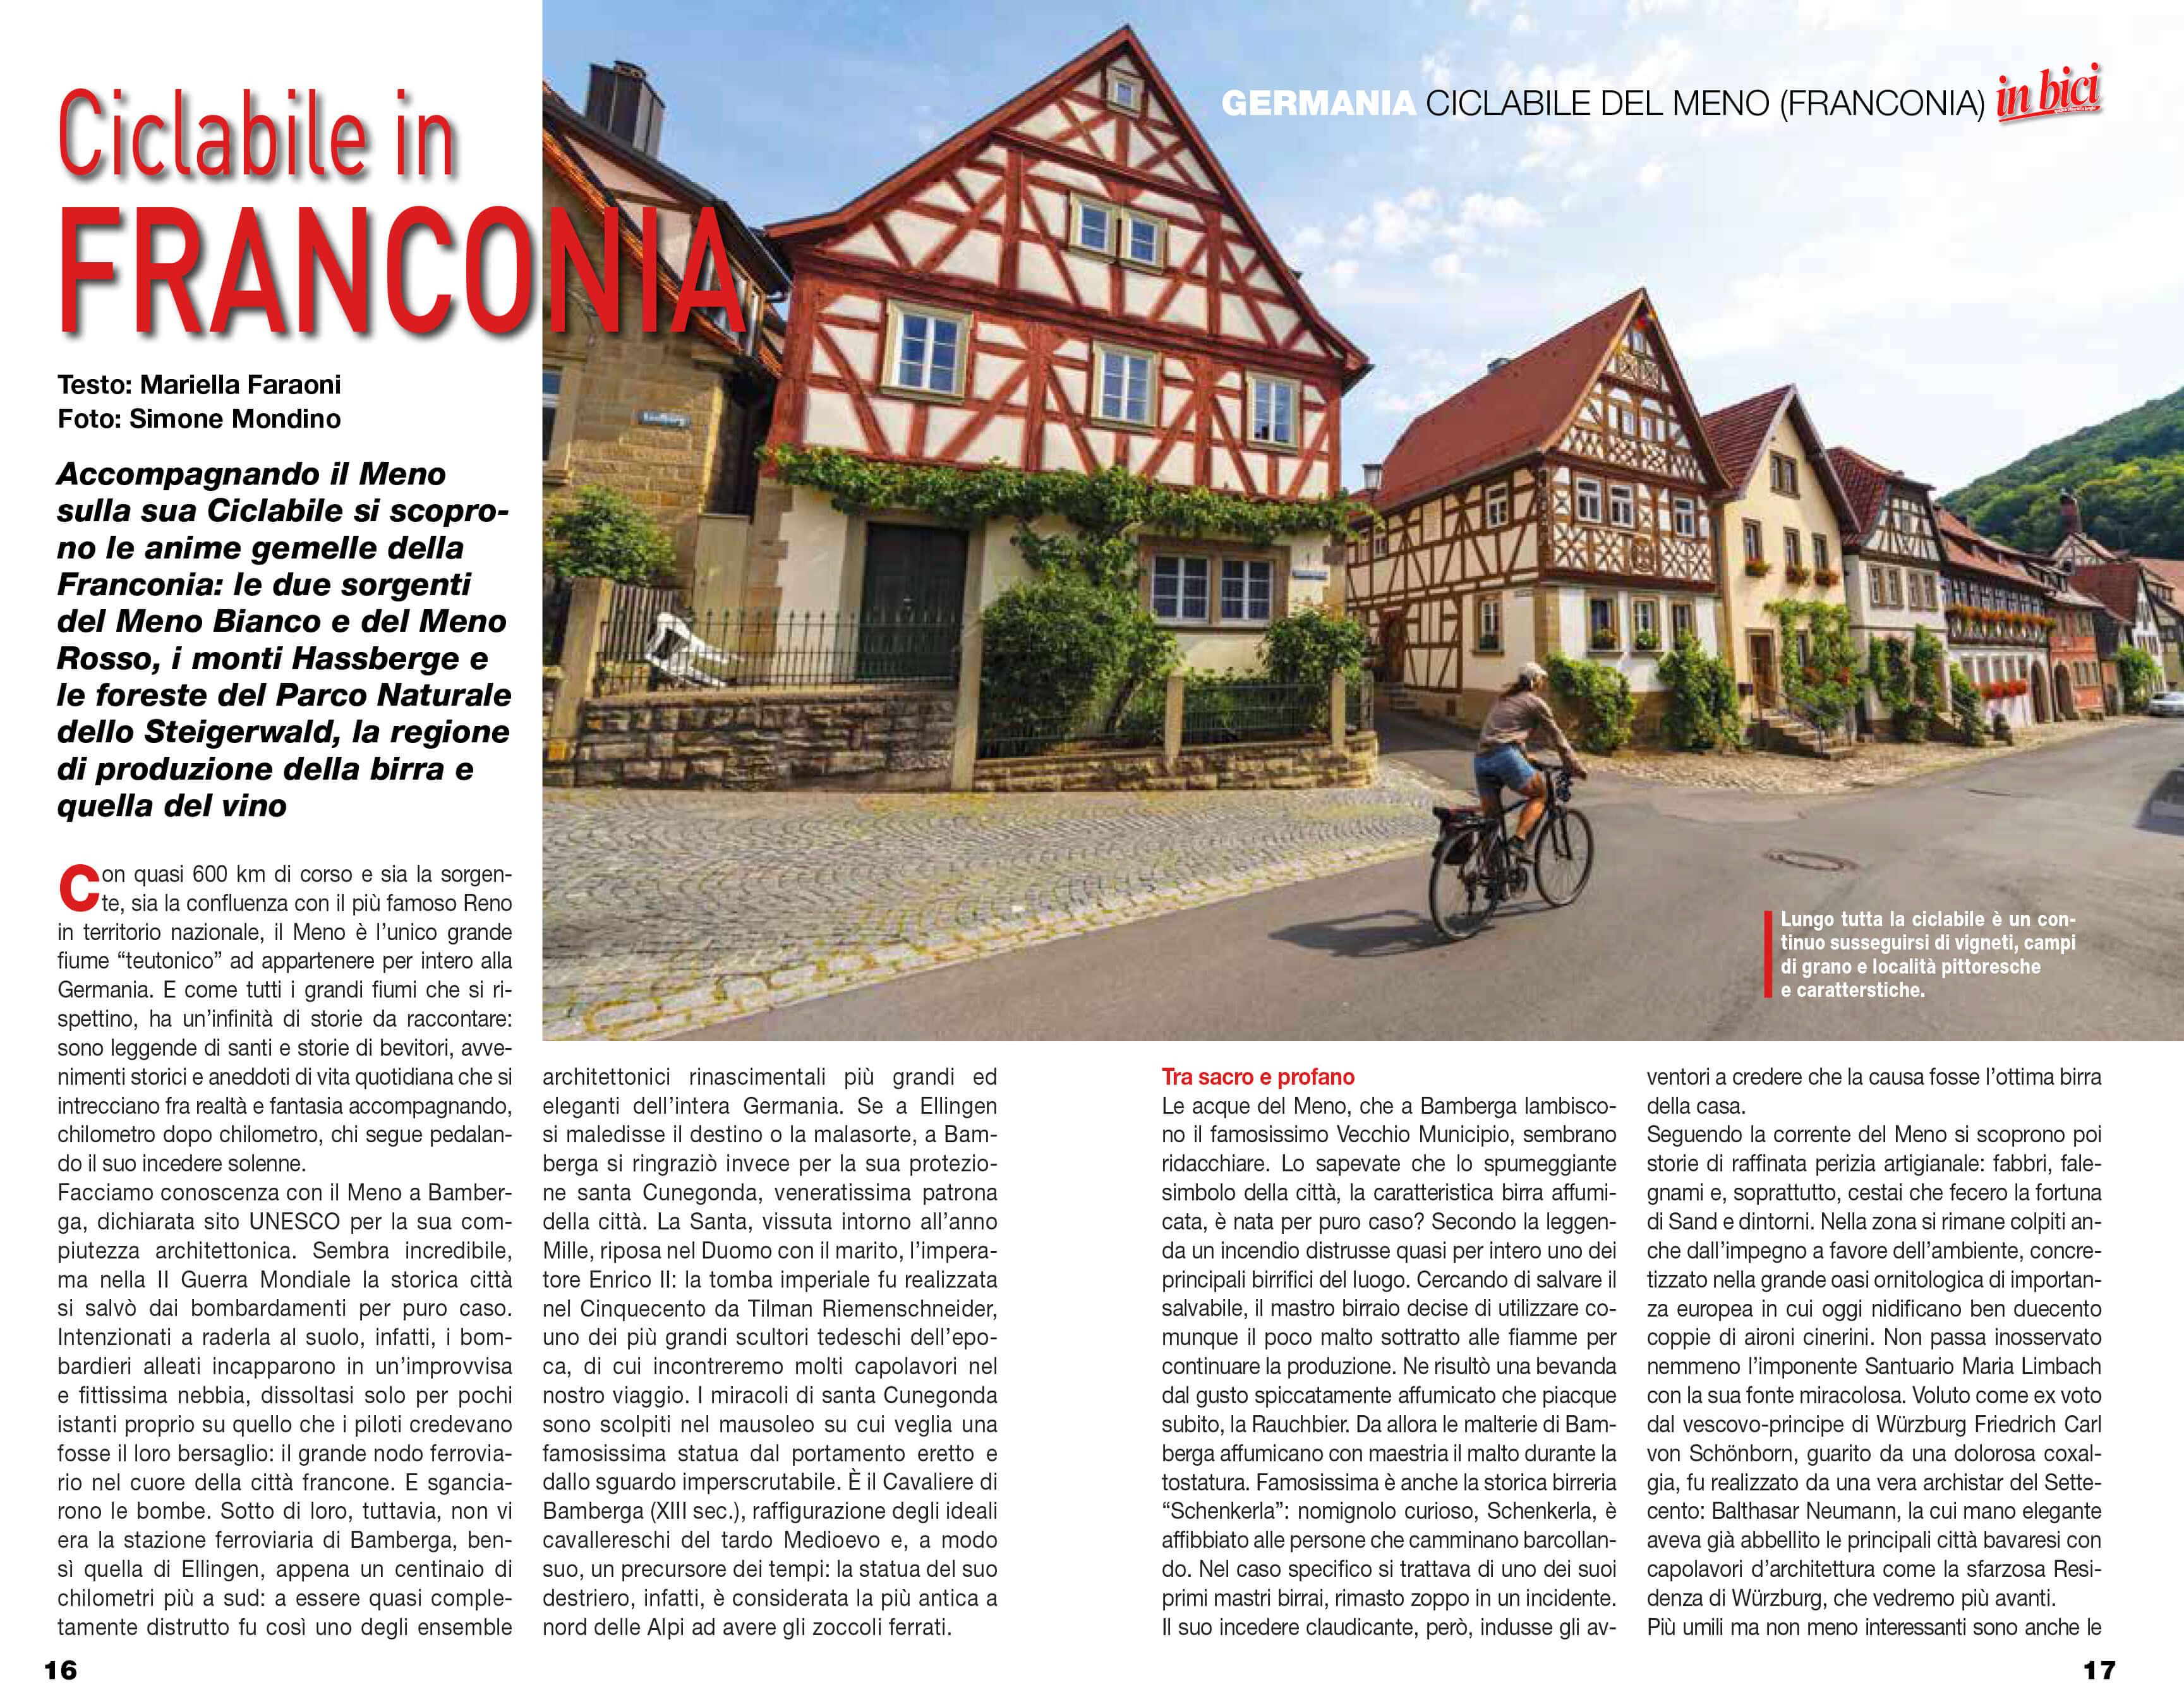 Itinerari e Luoghi - Franconia (speciale inBici)